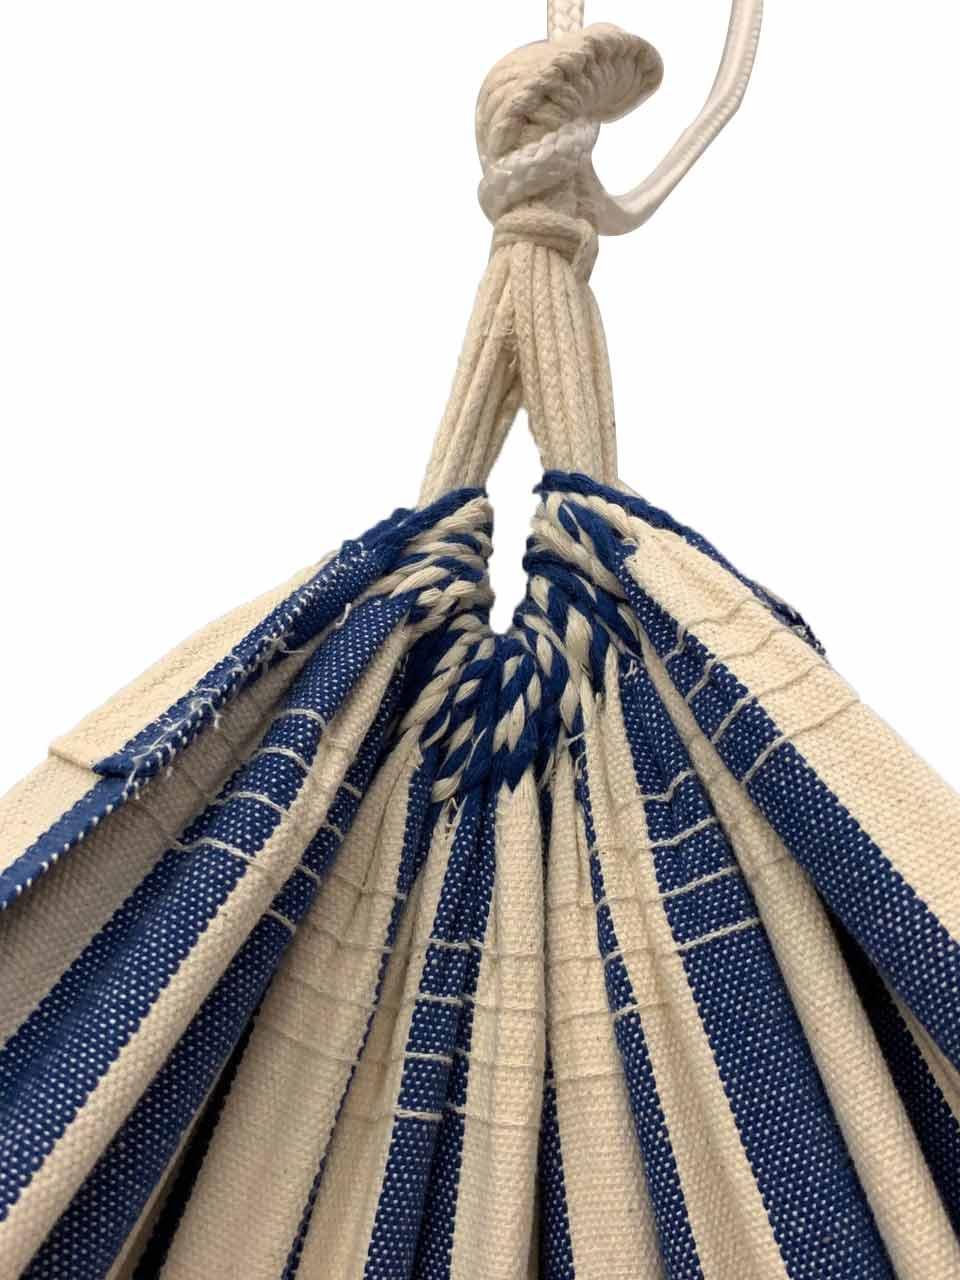 Forkortet ophæng gør hængekøje til lille altan muligt